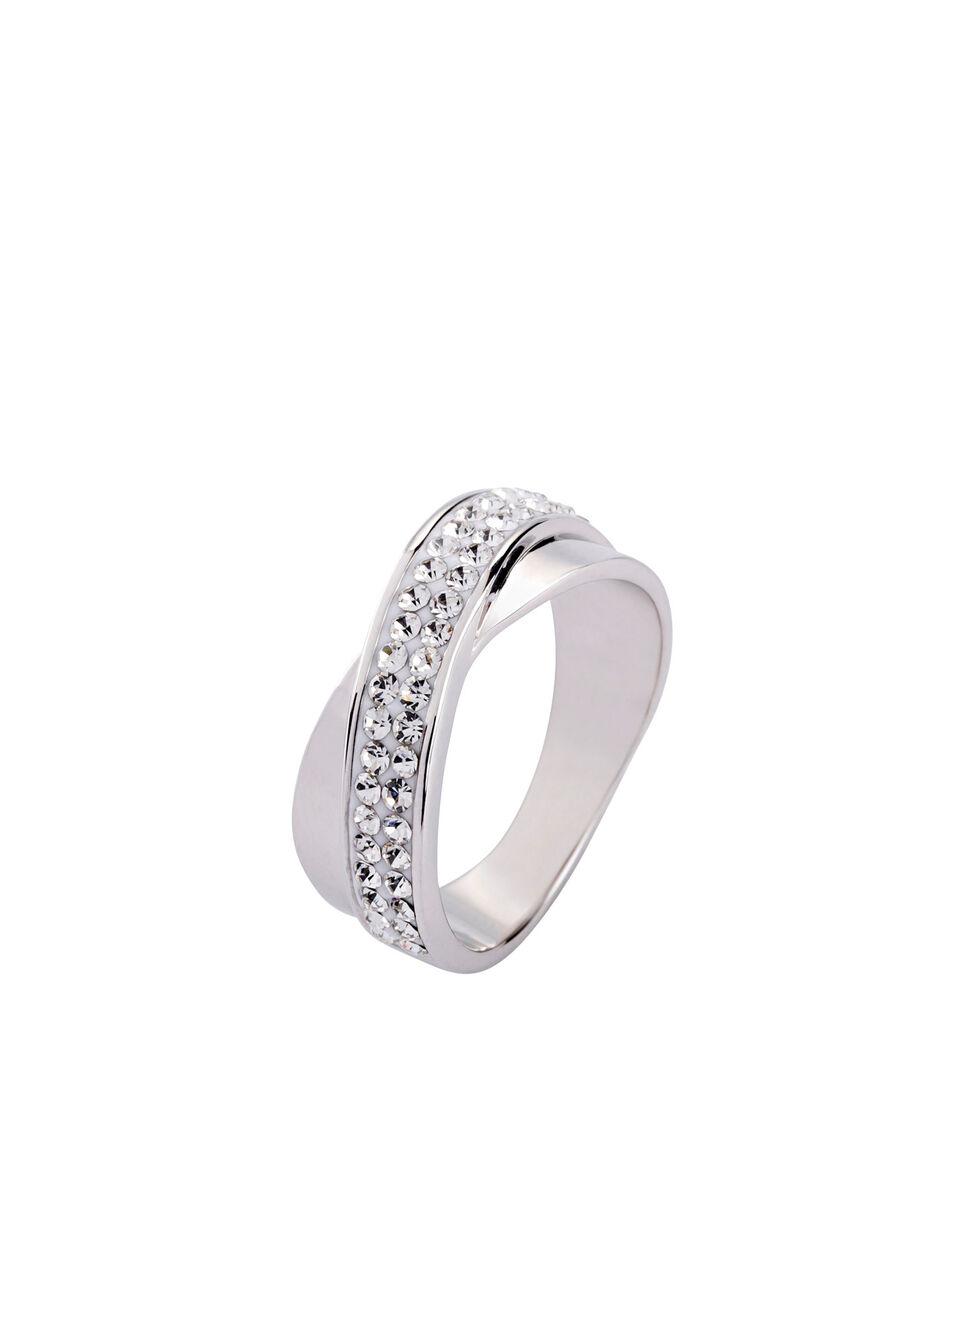 Pierścionek z kryształami bonprix srebrny kolor rodowany